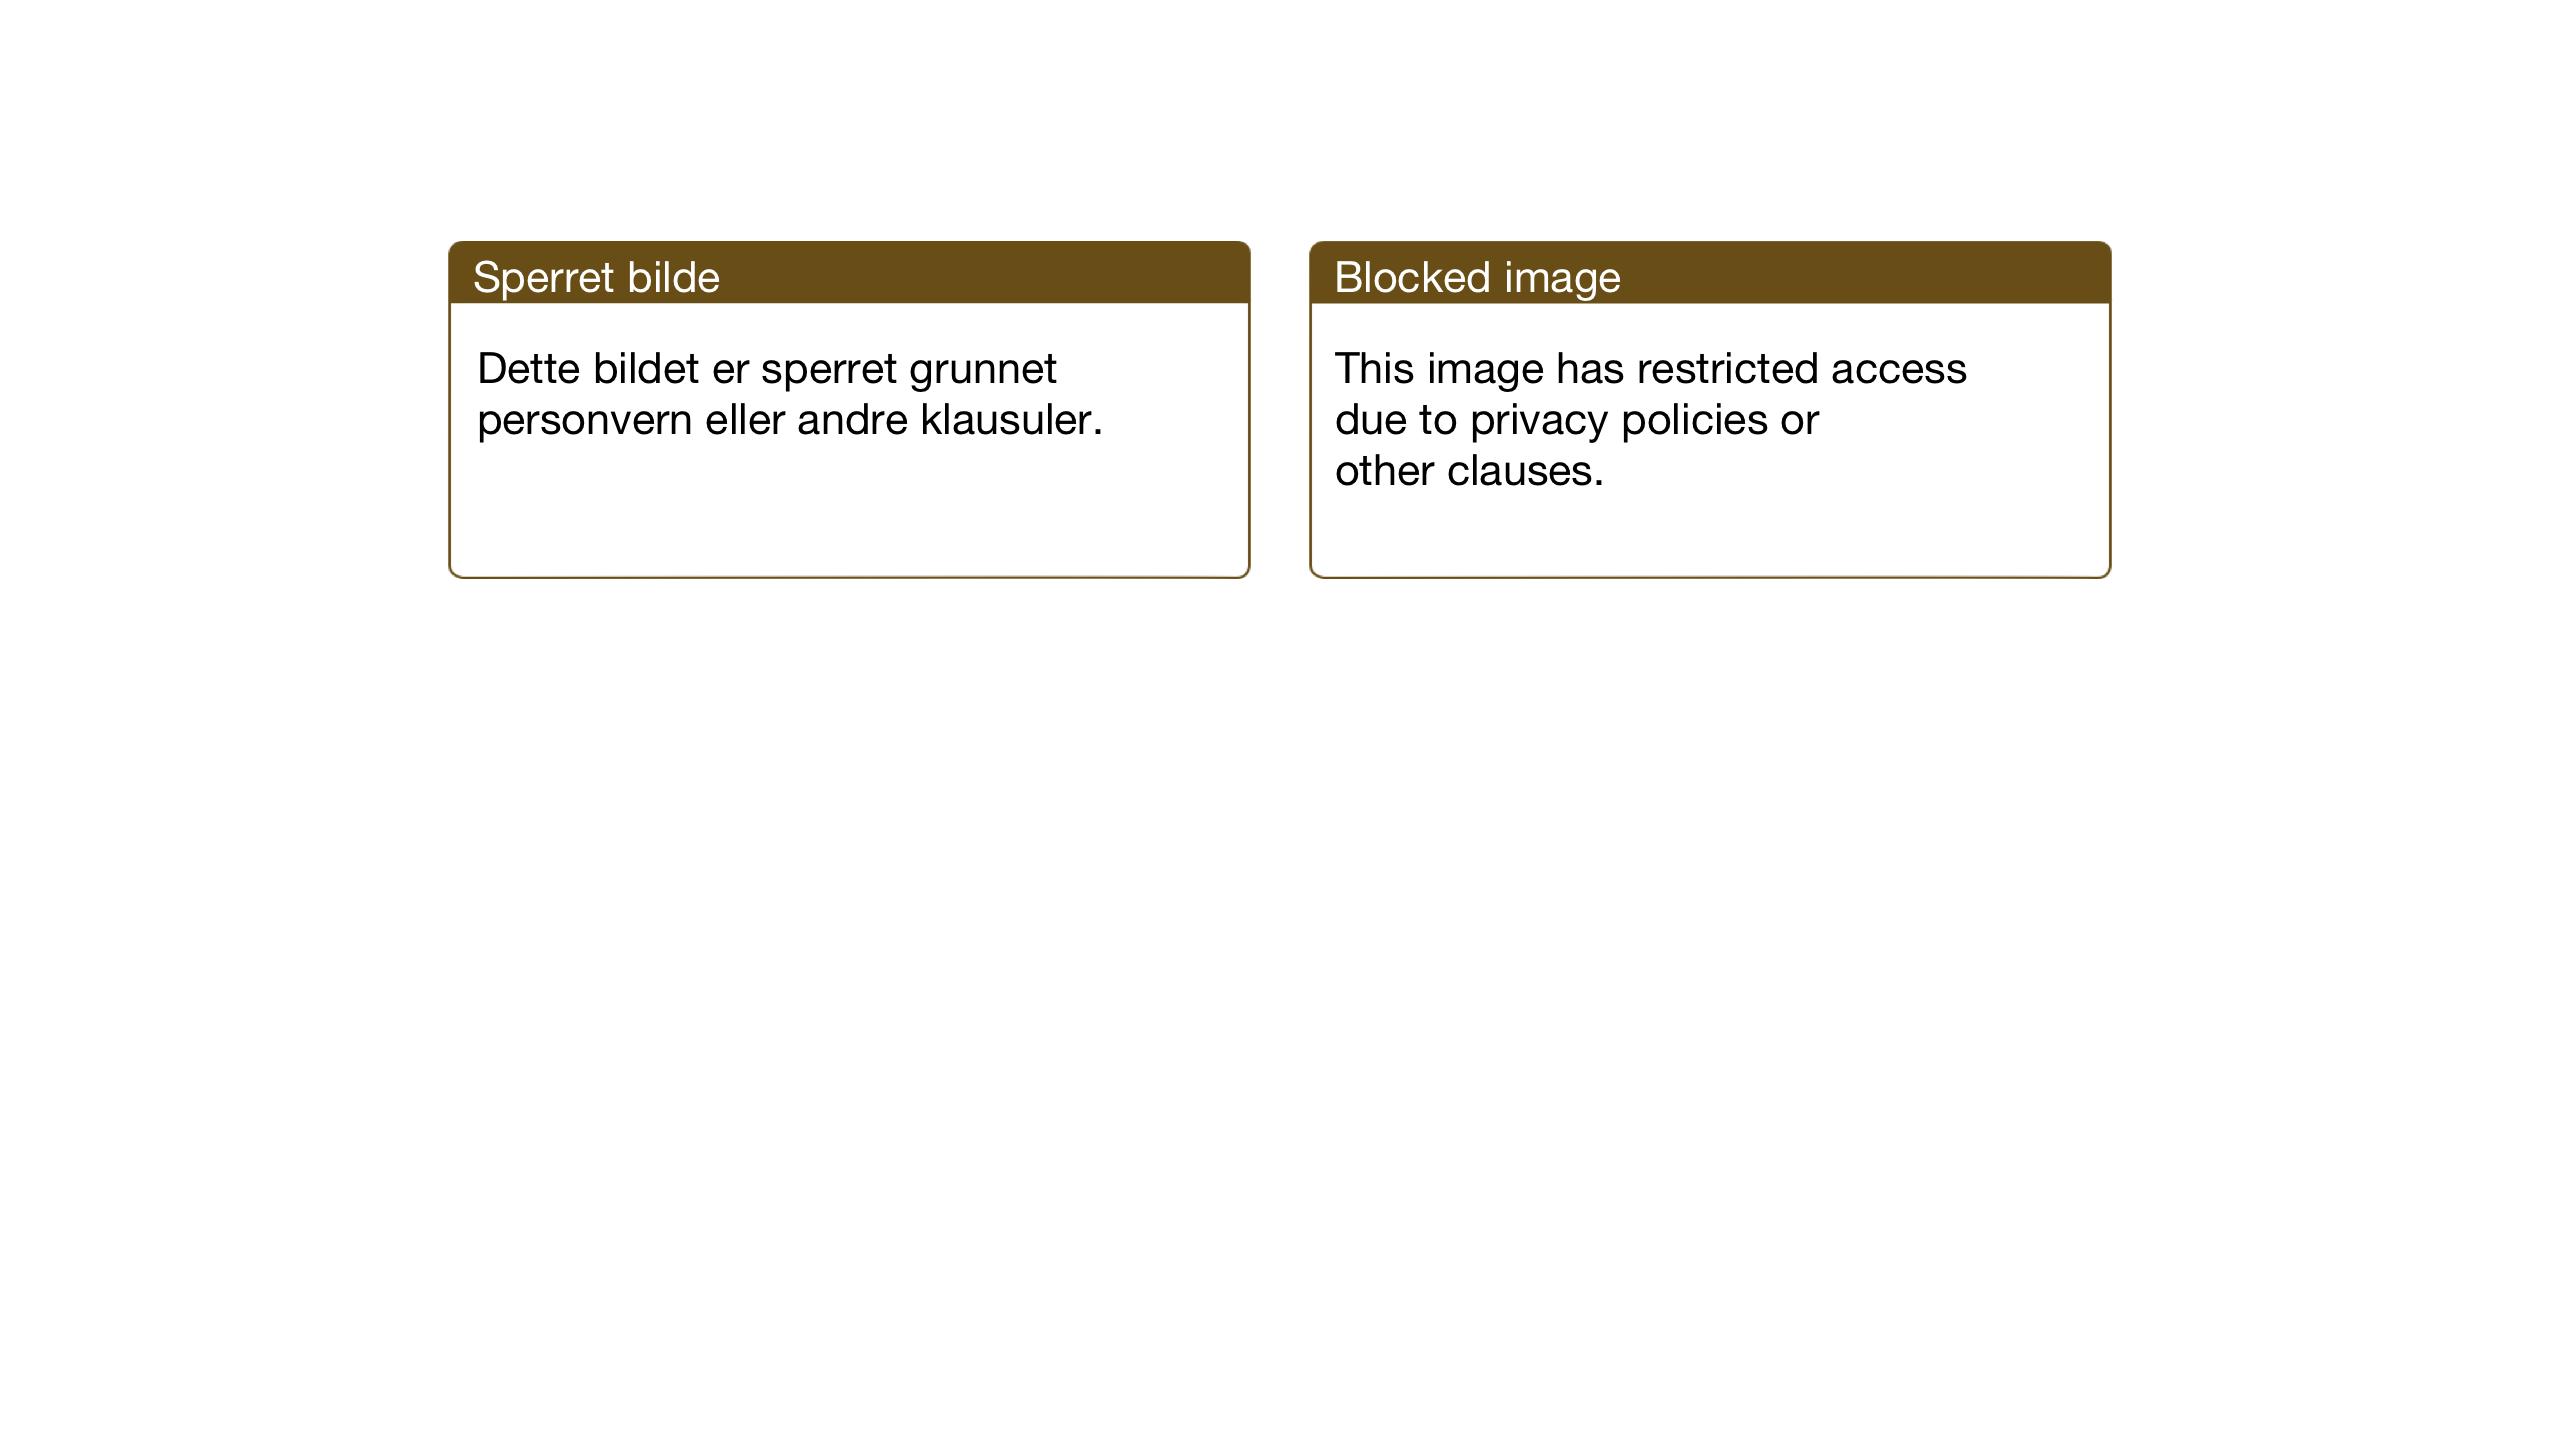 SAT, Ministerialprotokoller, klokkerbøker og fødselsregistre - Sør-Trøndelag, 640/L0590: Klokkerbok nr. 640C07, 1935-1948, s. 44